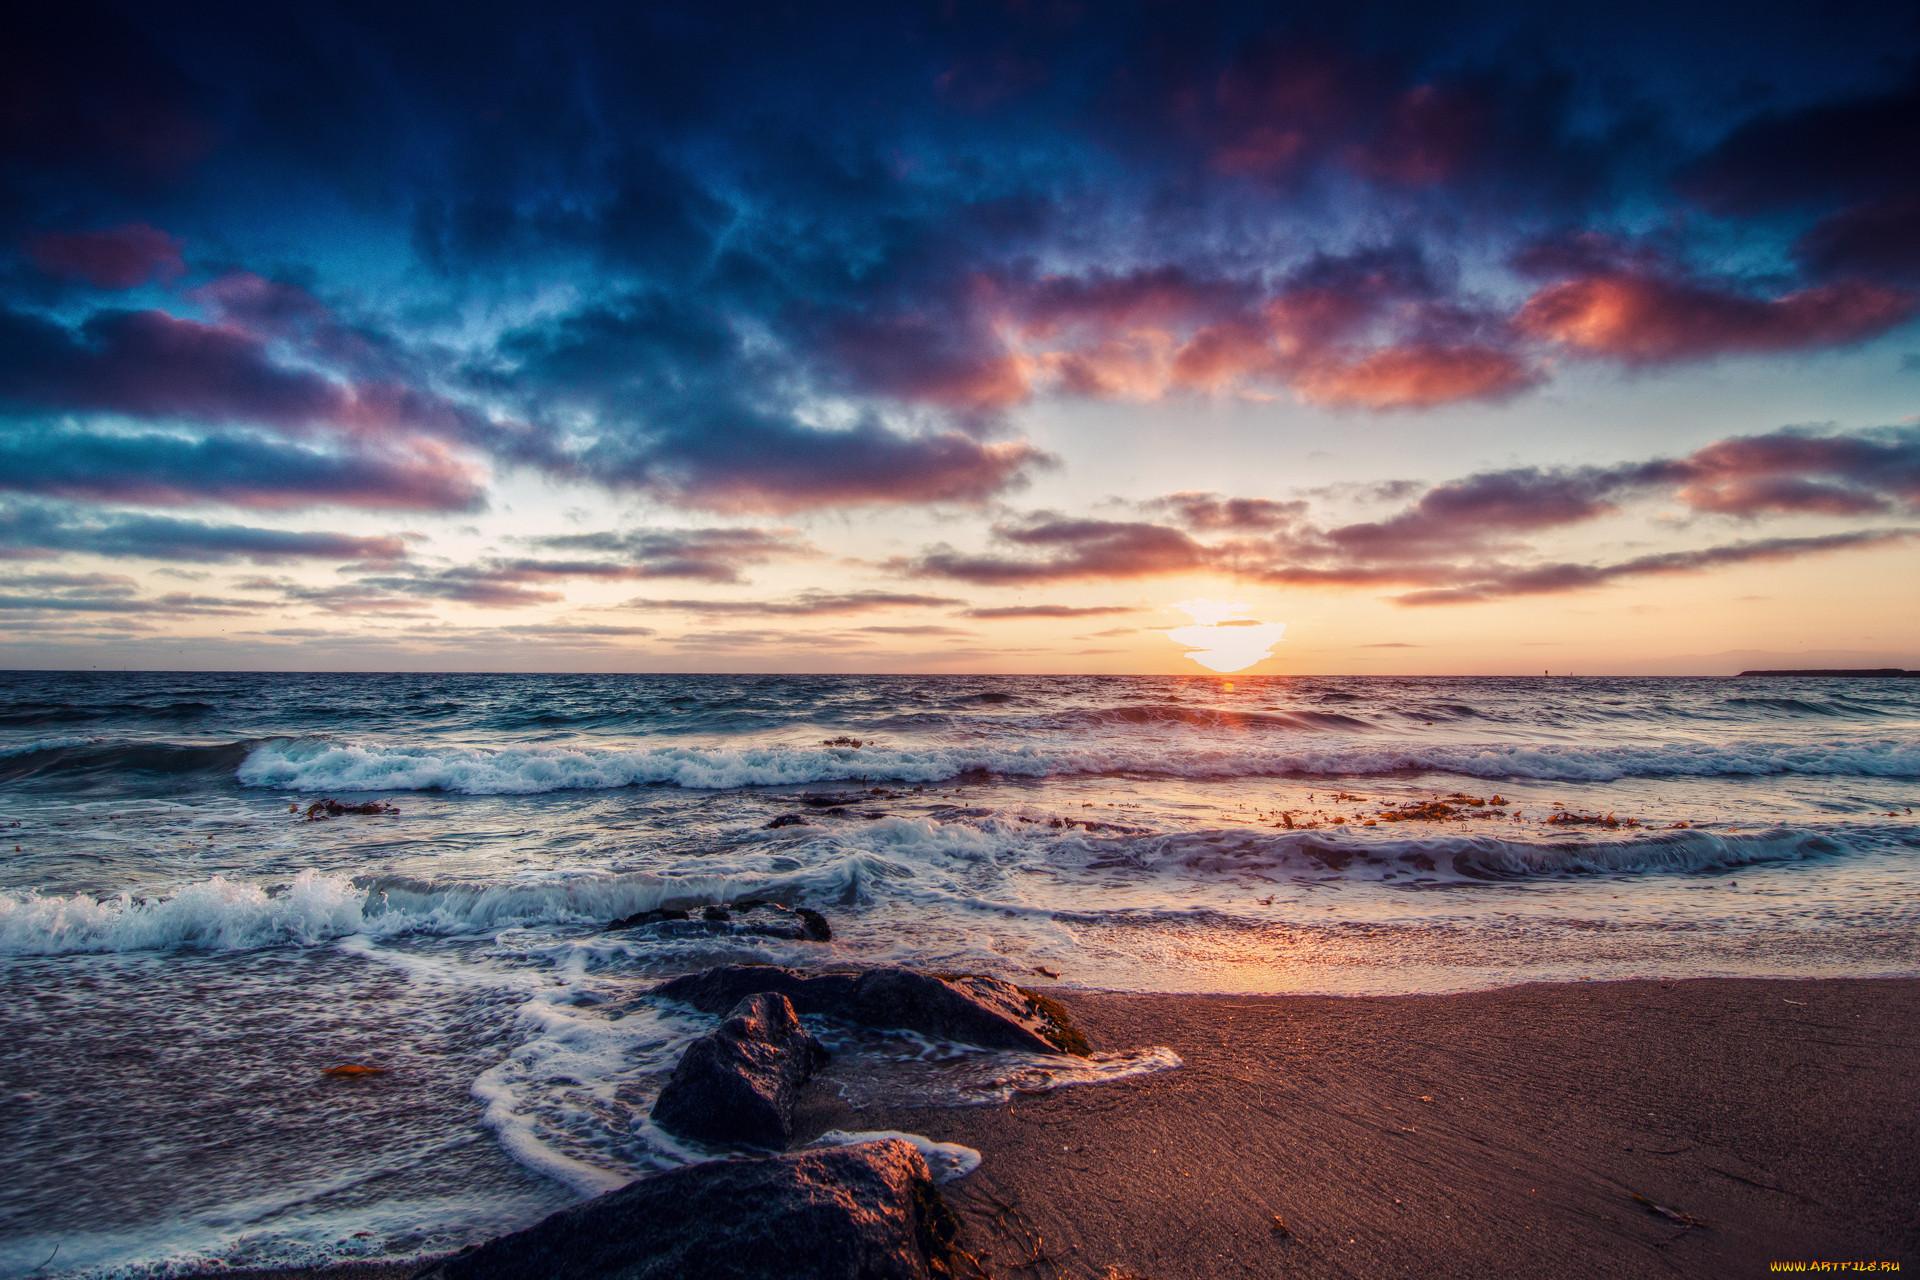 красивые фото море закат для фейсбук них